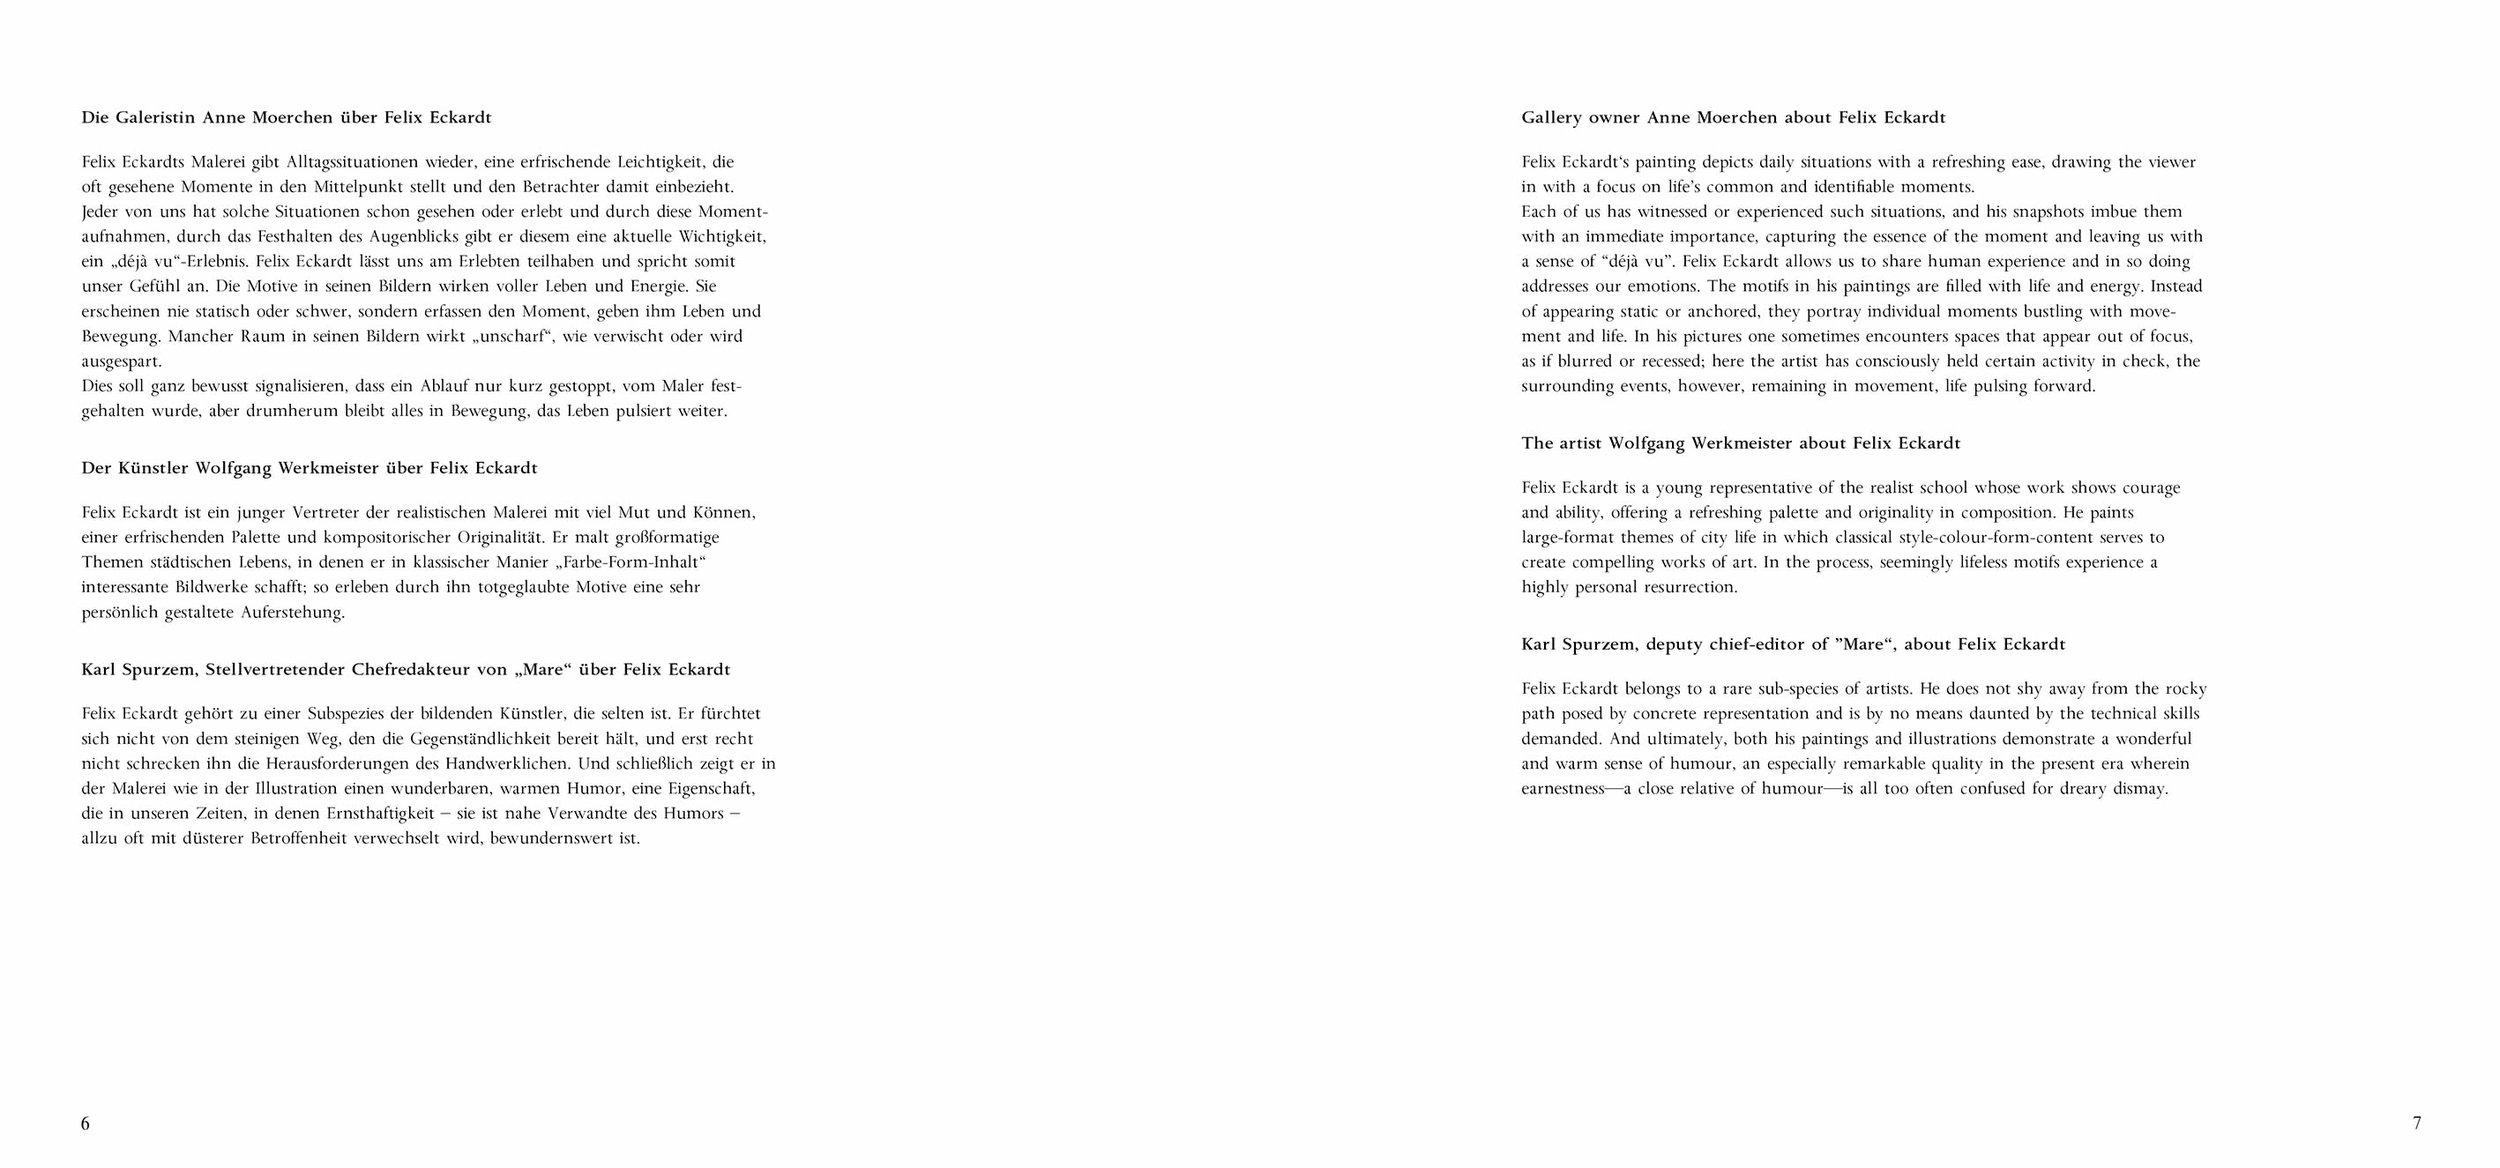 Felix-Eckardt_paintings_texte.jpg